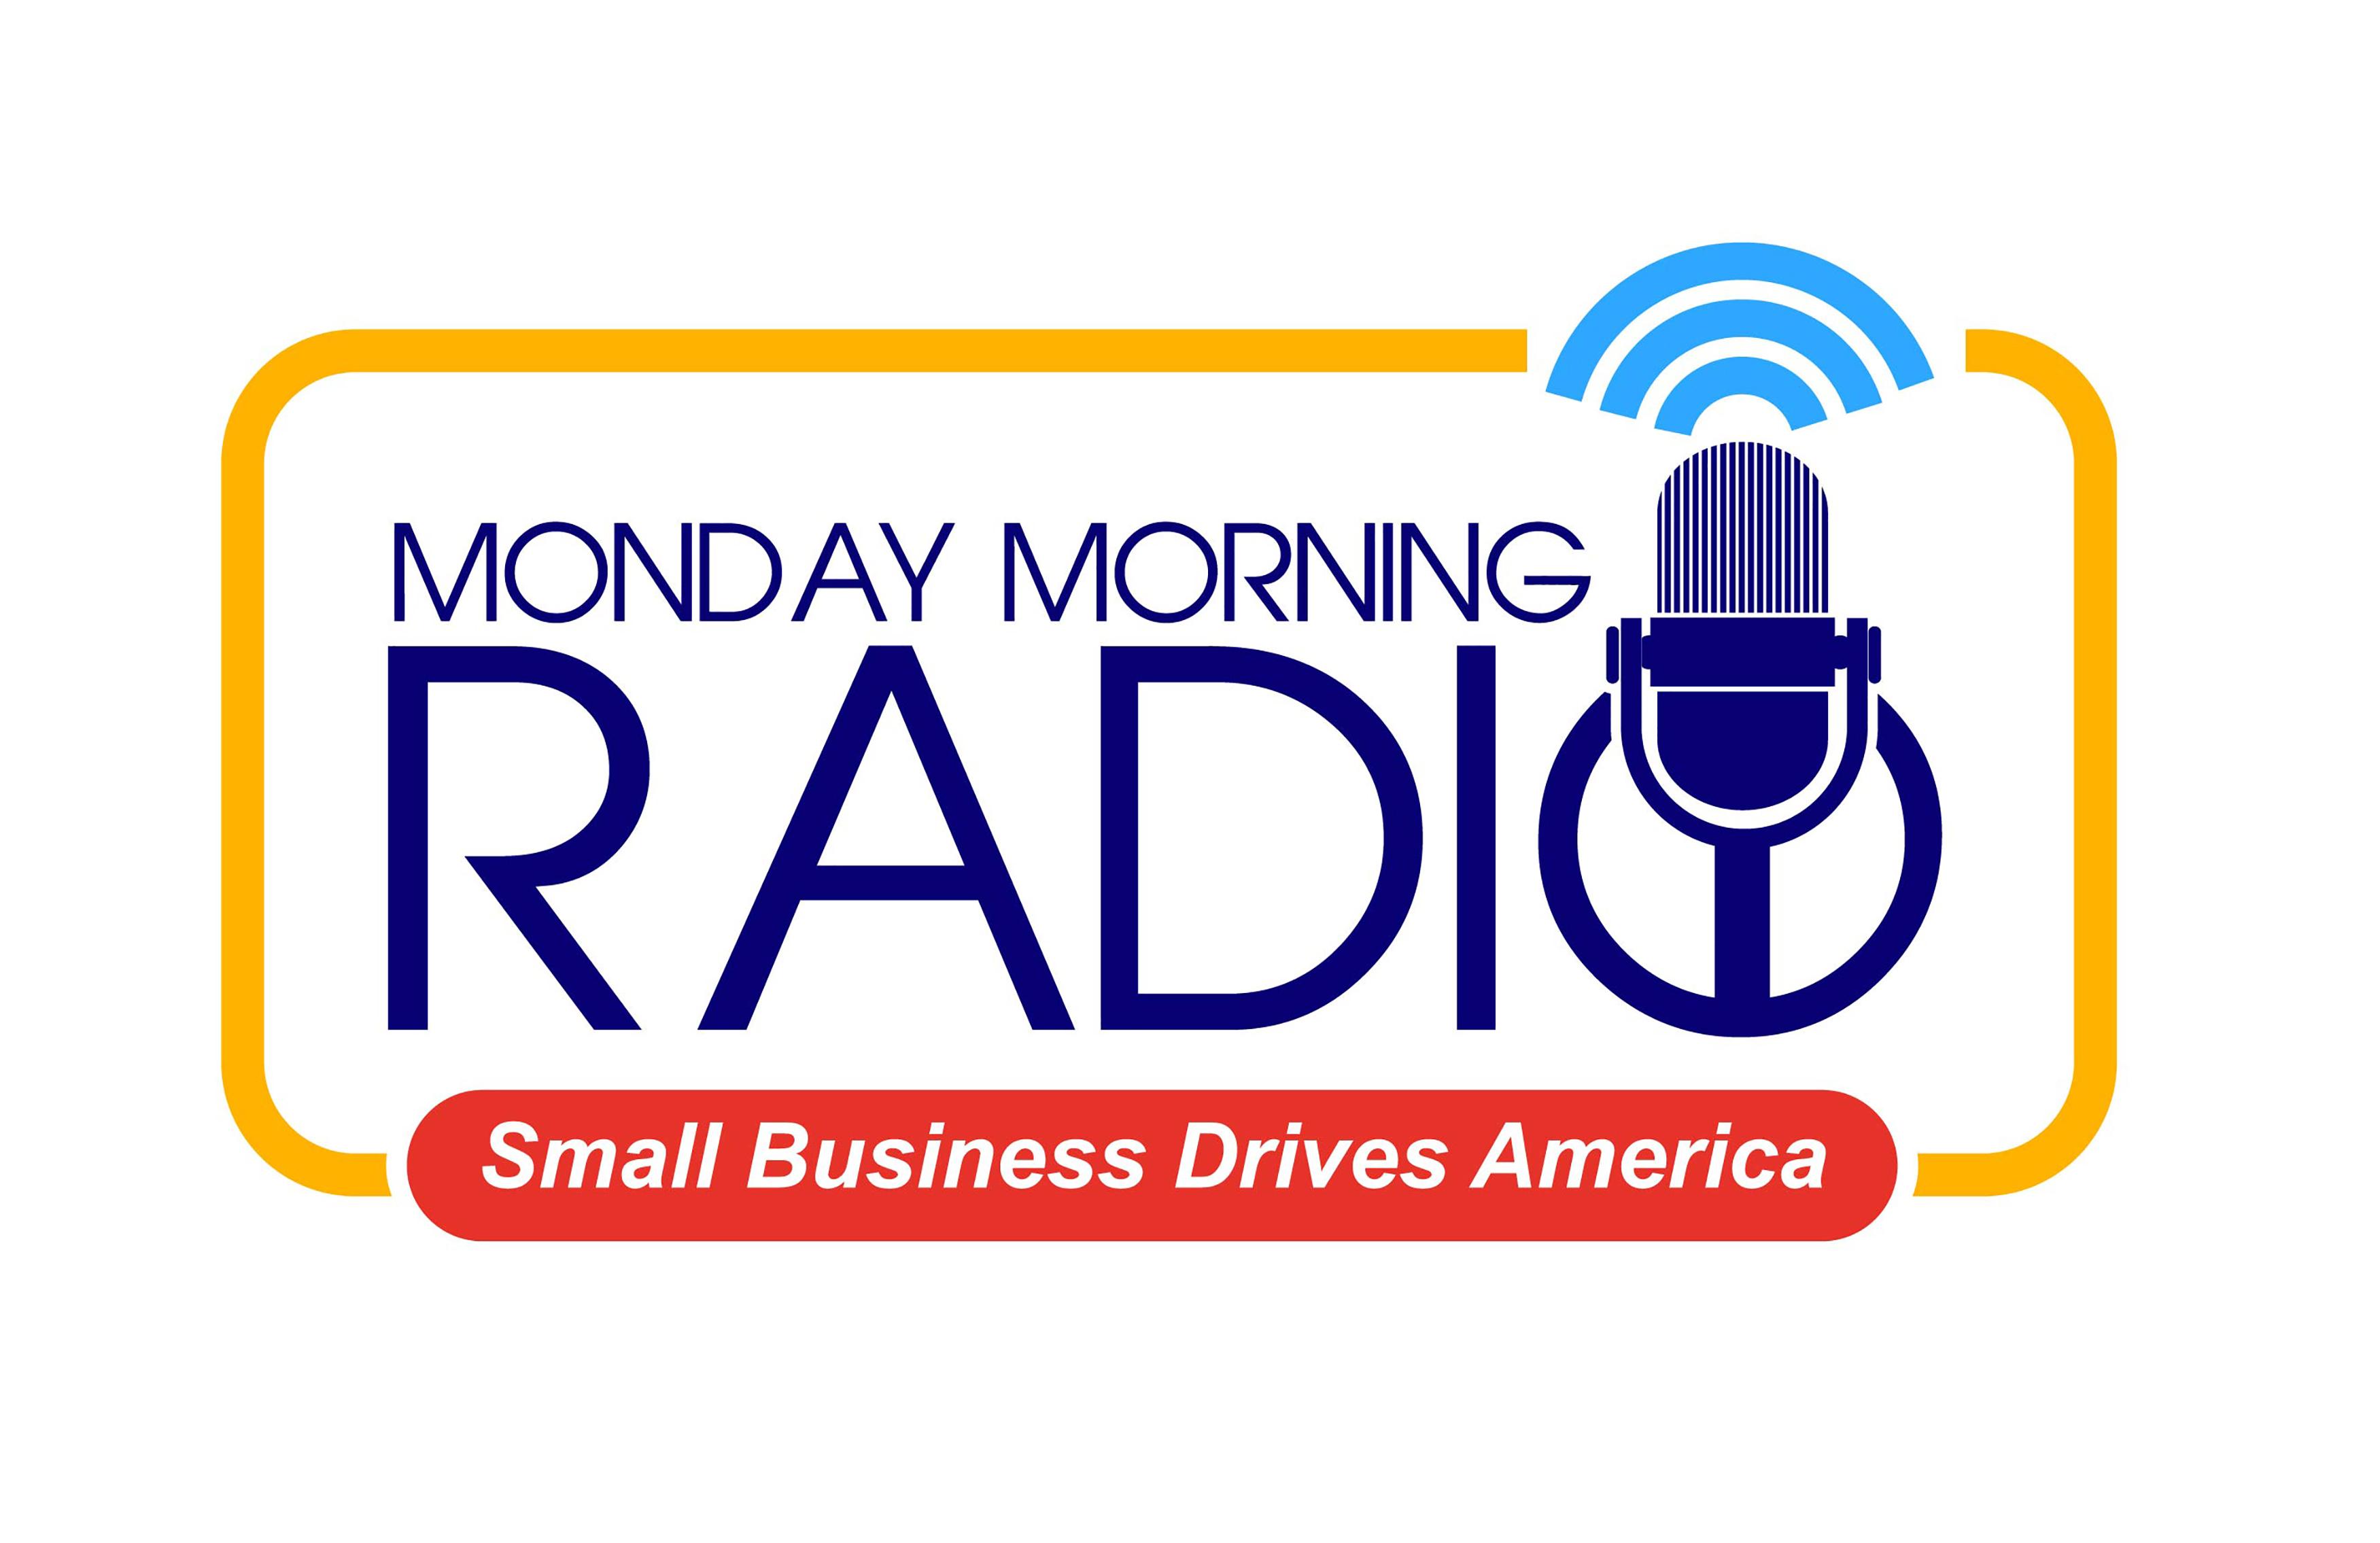 Monday Morning Radio